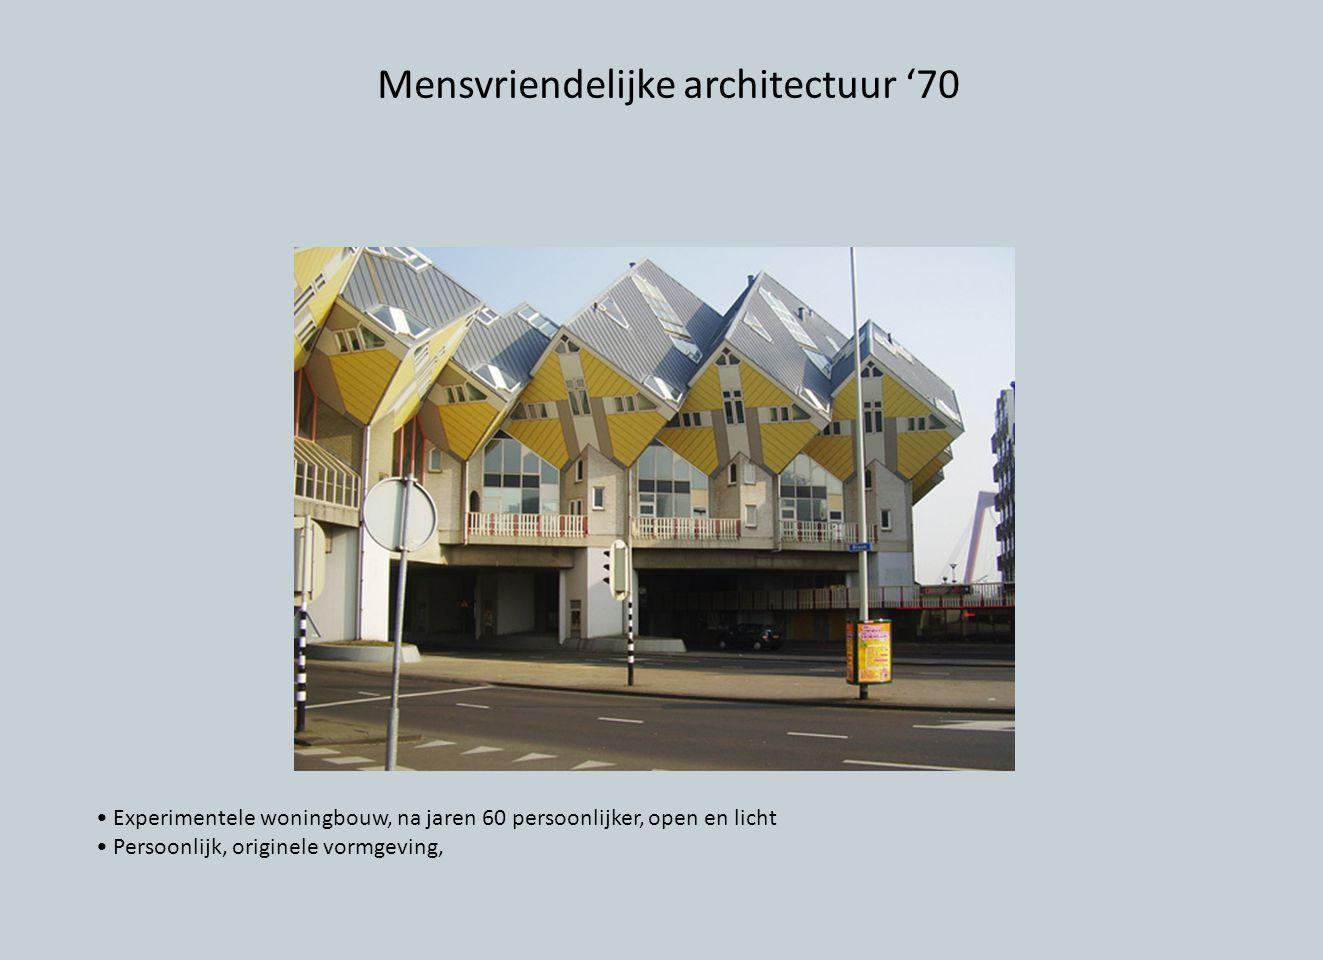 Mensvriendelijke architectuur '70 Experimentele woningbouw, na jaren 60 persoonlijker, open en licht Persoonlijk, originele vormgeving,